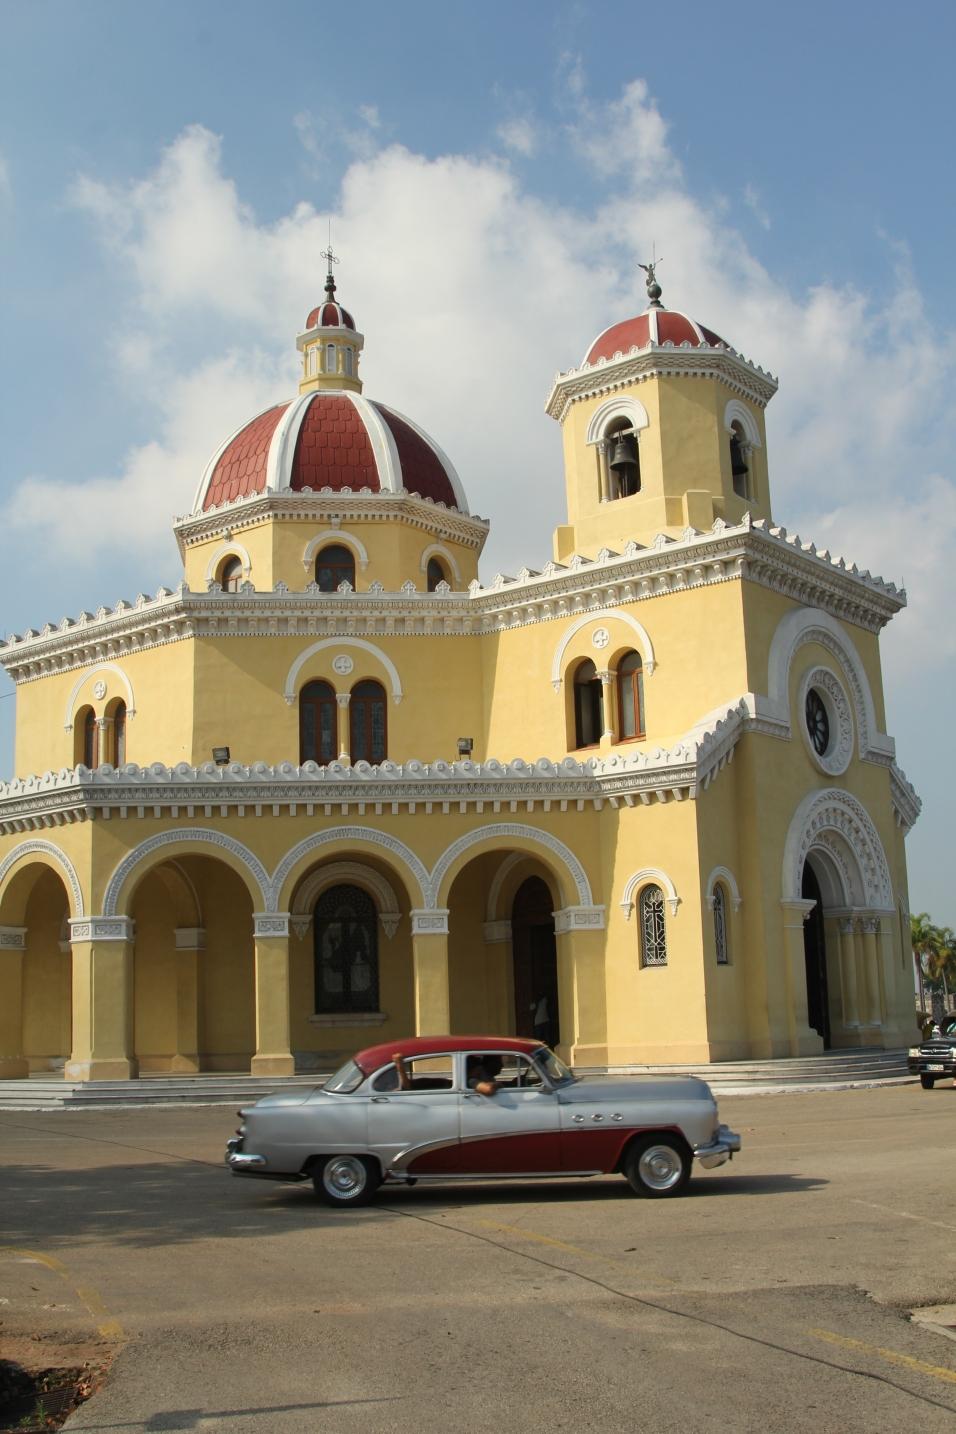 Cemetario Cristobal Colon